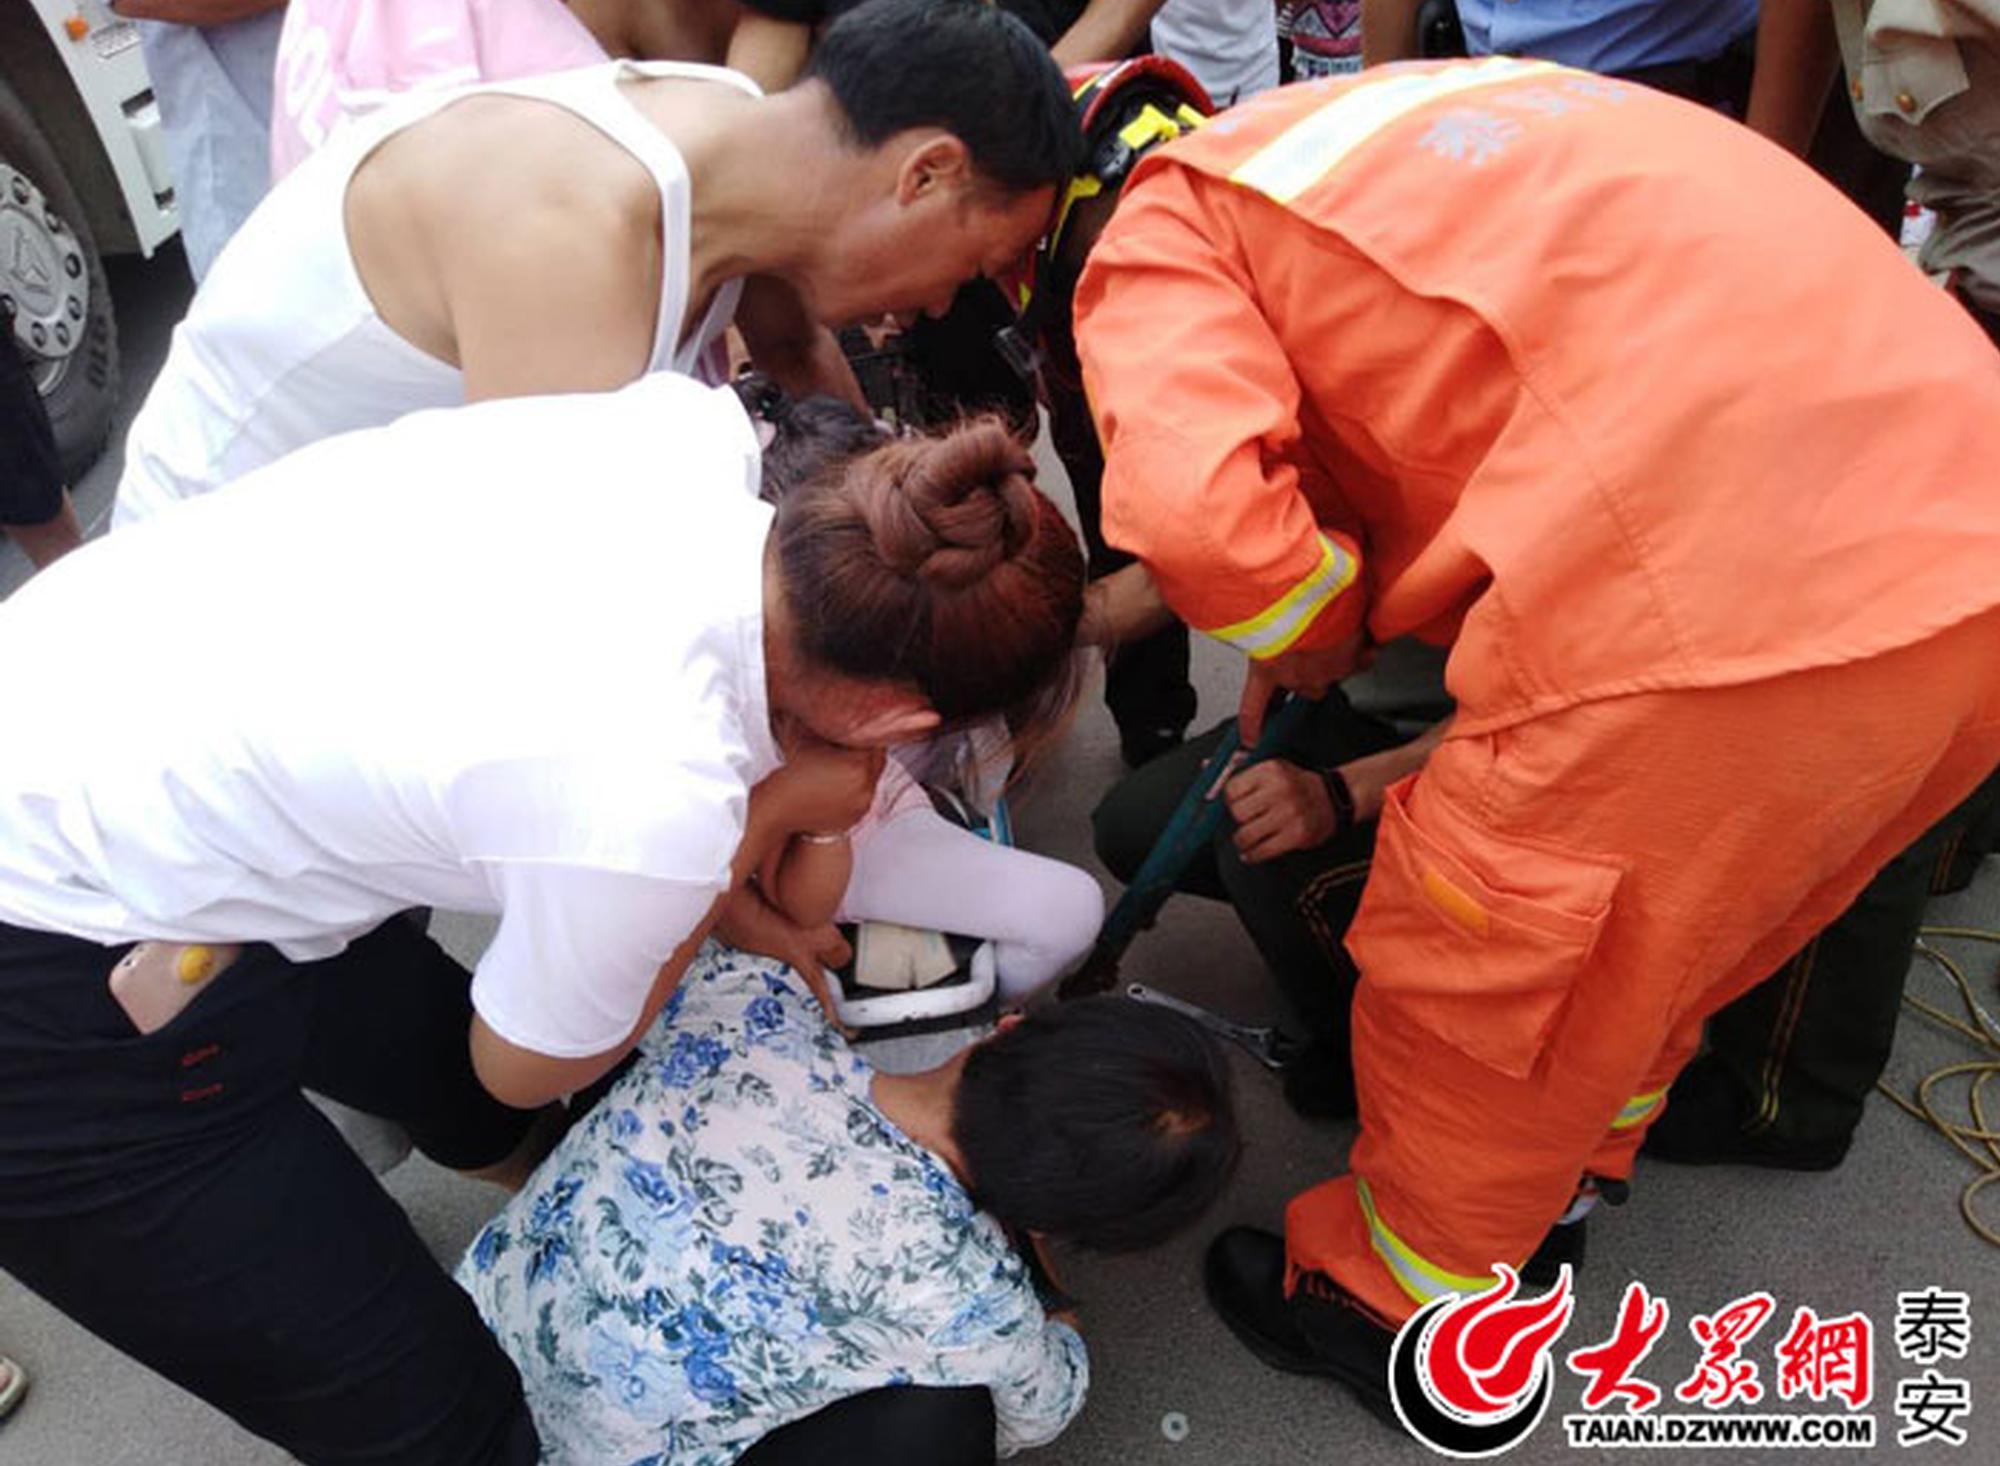 小女孩脚被电动车后轮卡住 泰安消防8分钟救援